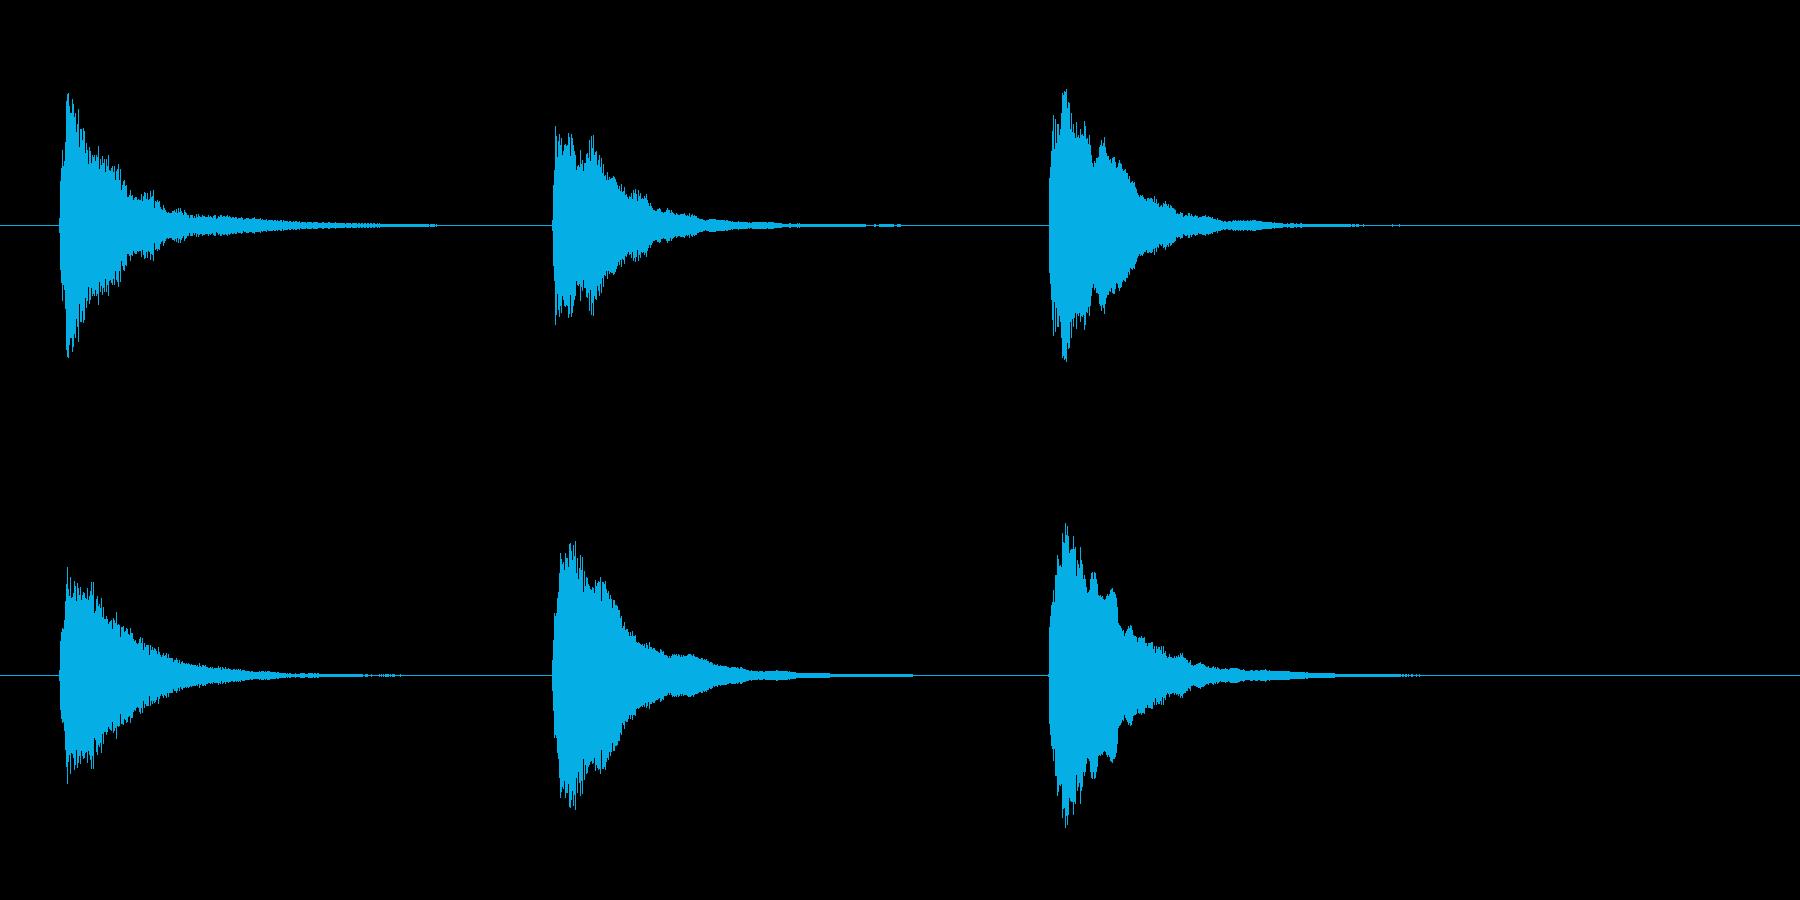 「テスト♪」「名古屋」「テクノ」の再生済みの波形